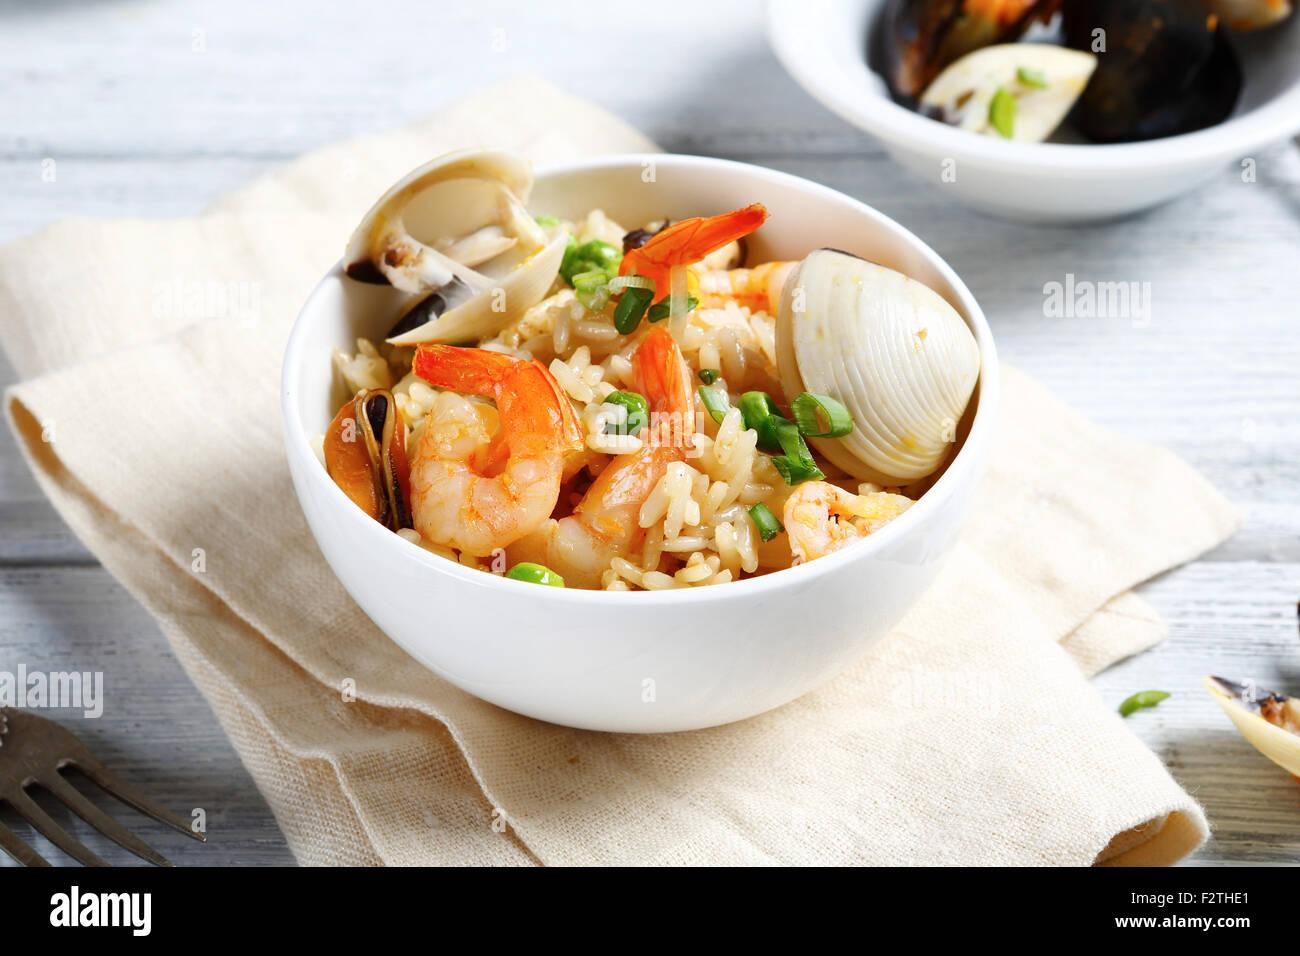 Risotto con mejillones y camarones, alimentos Imagen De Stock